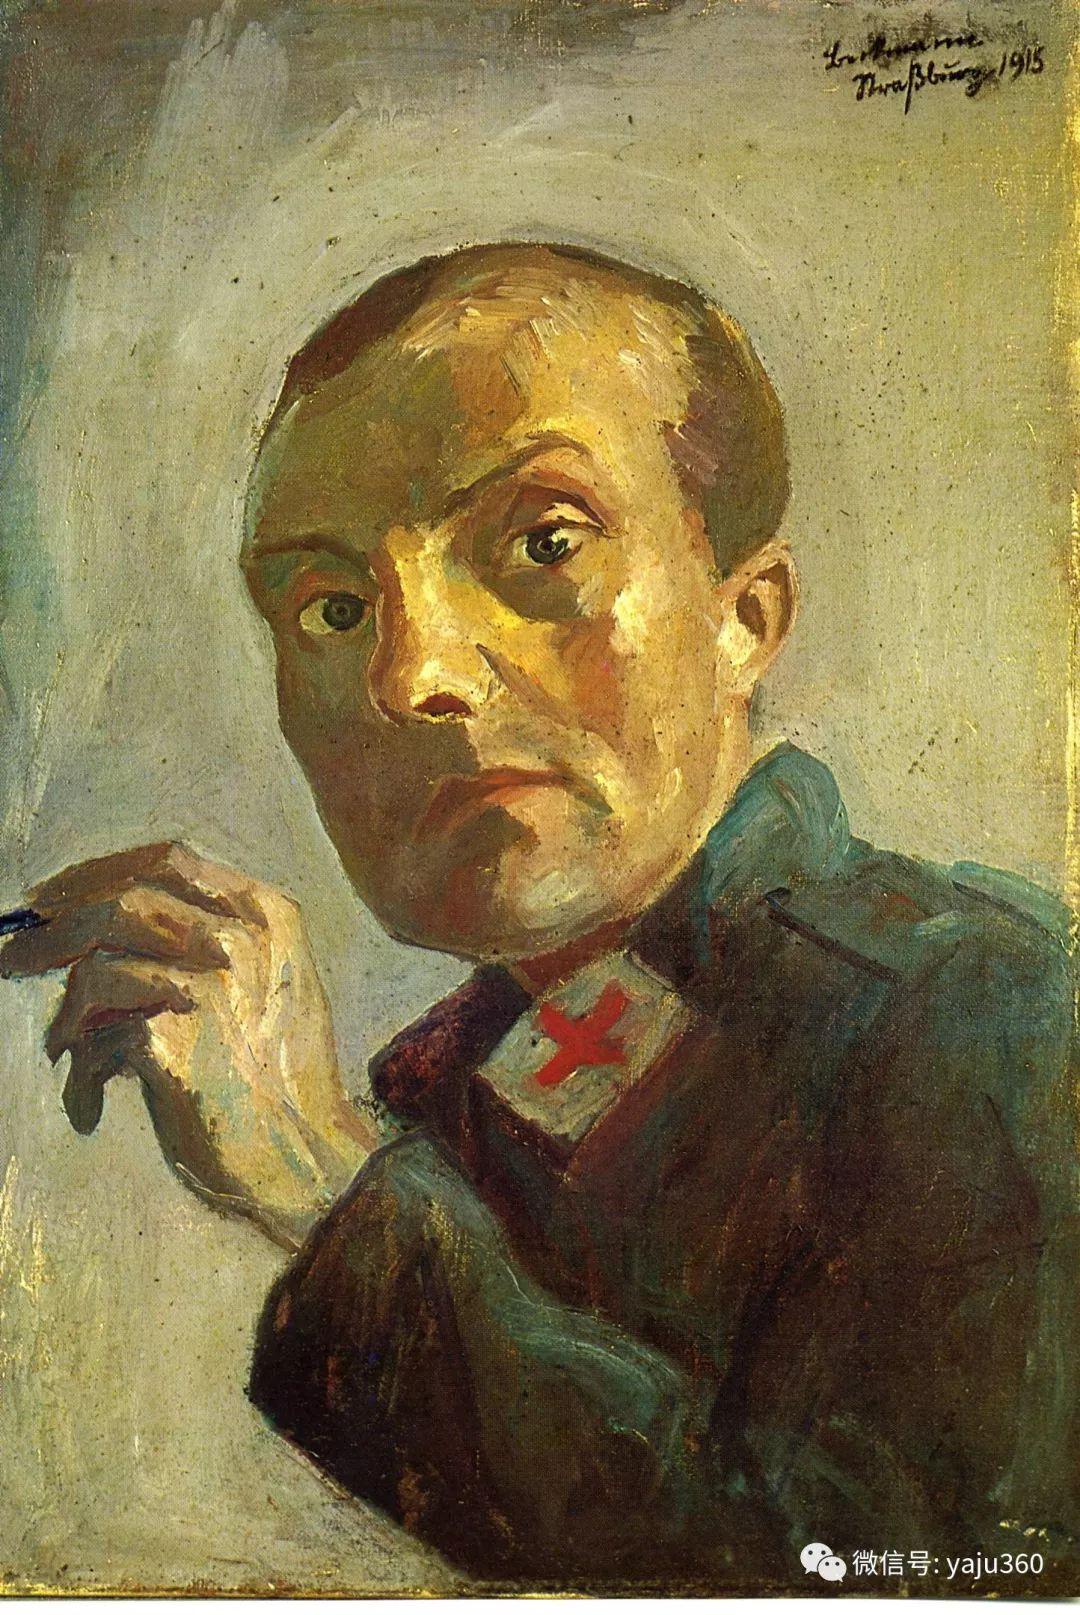 一位不可多得的艺术大师 德国画家Max Beckmann插图89